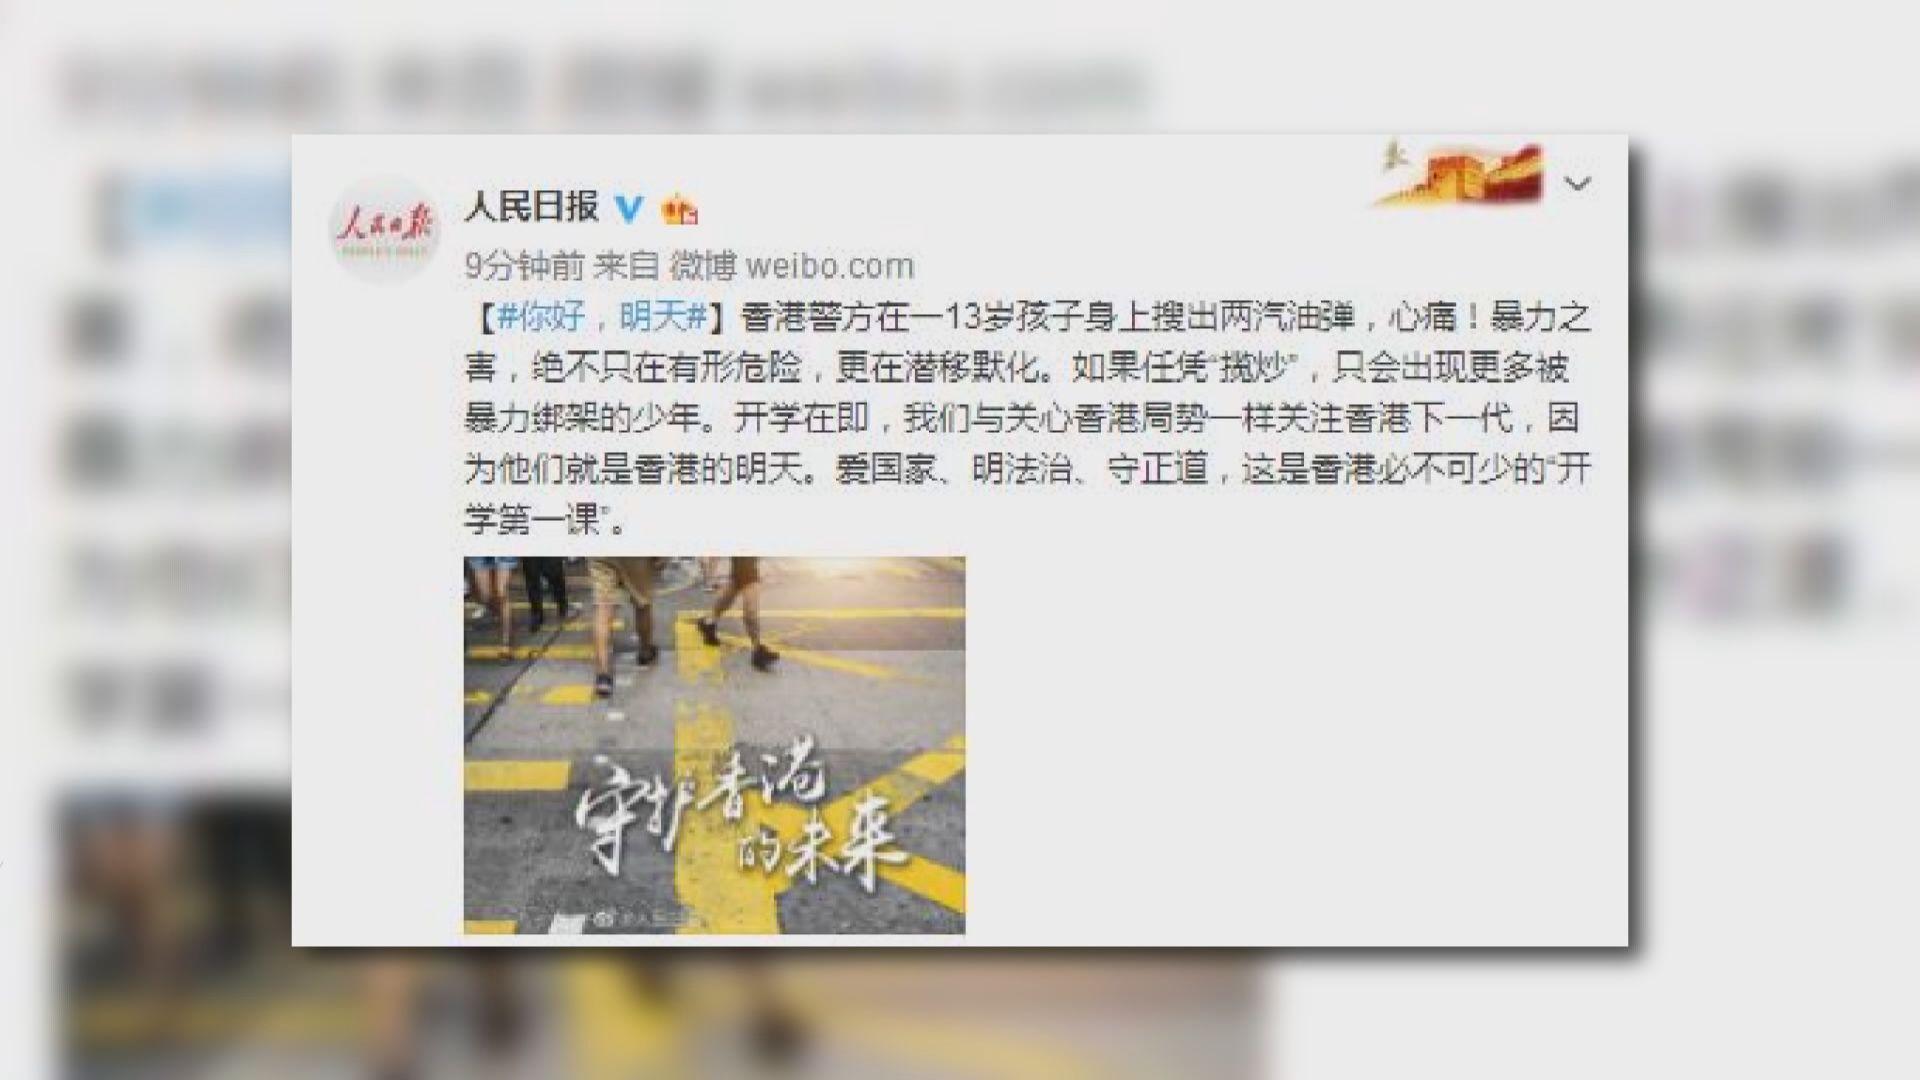 《人民日報》:攬炒會有更多被暴力綁架少年